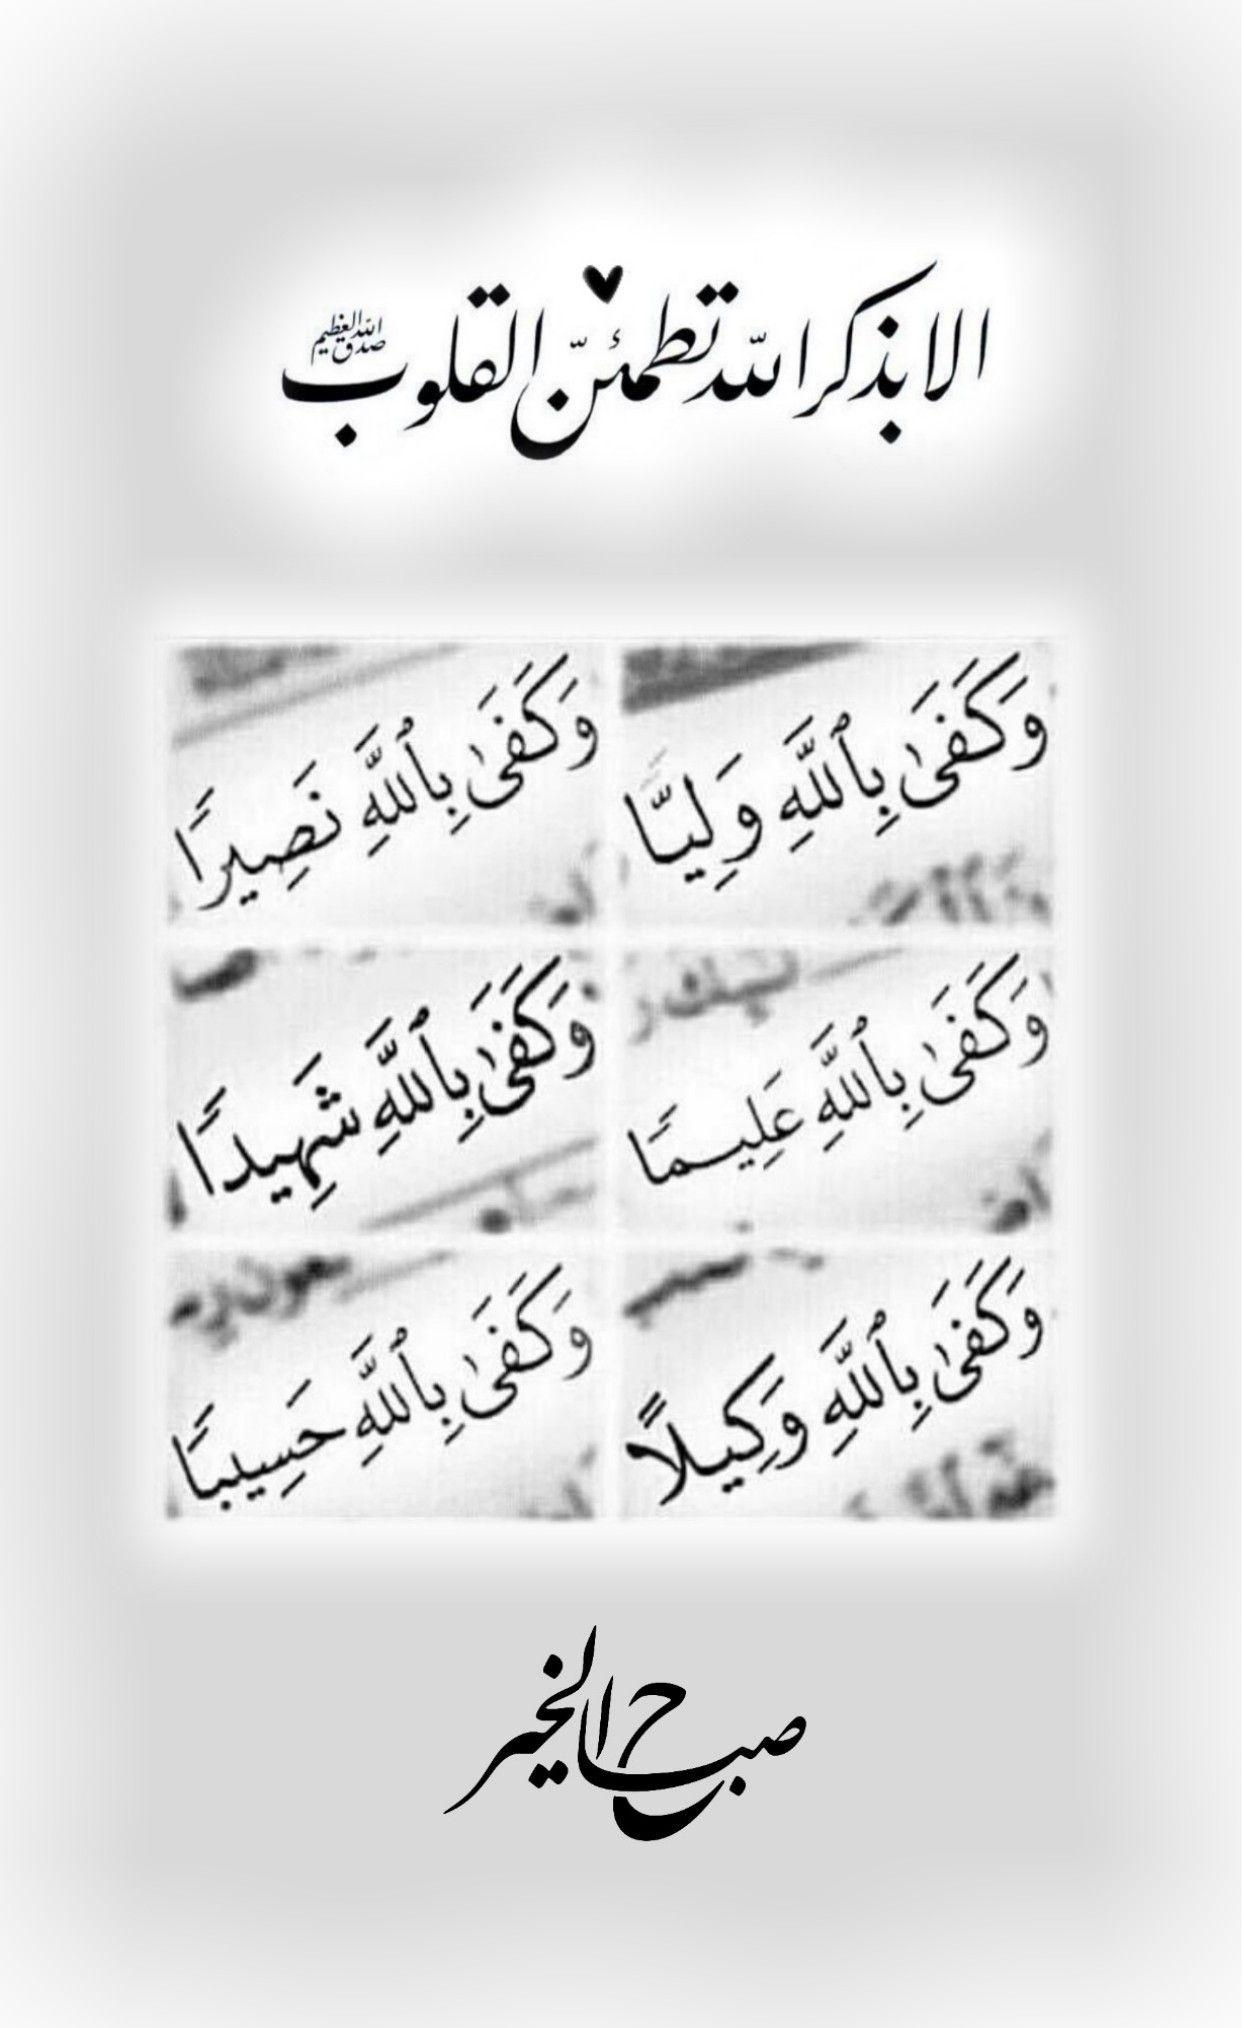 الا بذكر الله تطمئن القلوب ب س م الل ه الر ح م ن الر ح يم و ك ف ى ب الل ه و ل ي ا و ك ف ى ب ال Islamic Quotes Islamic Quotes Quran Photo Quotes